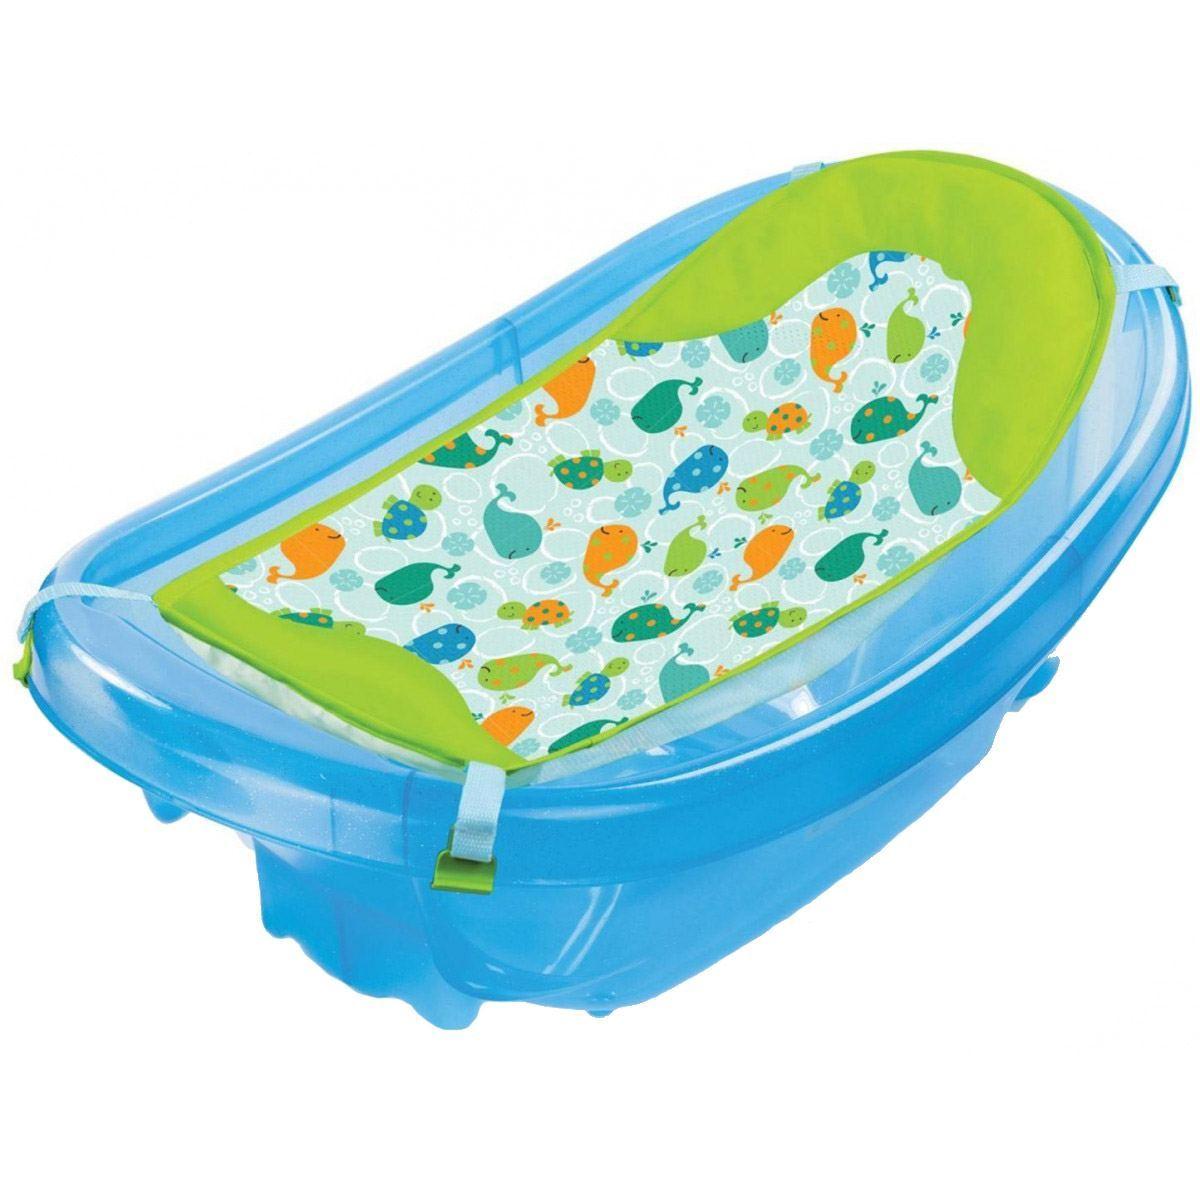 Summer Infant SPARKLE \'N\' SPLASH BATH TUB Baby Bathing Newborn To ...